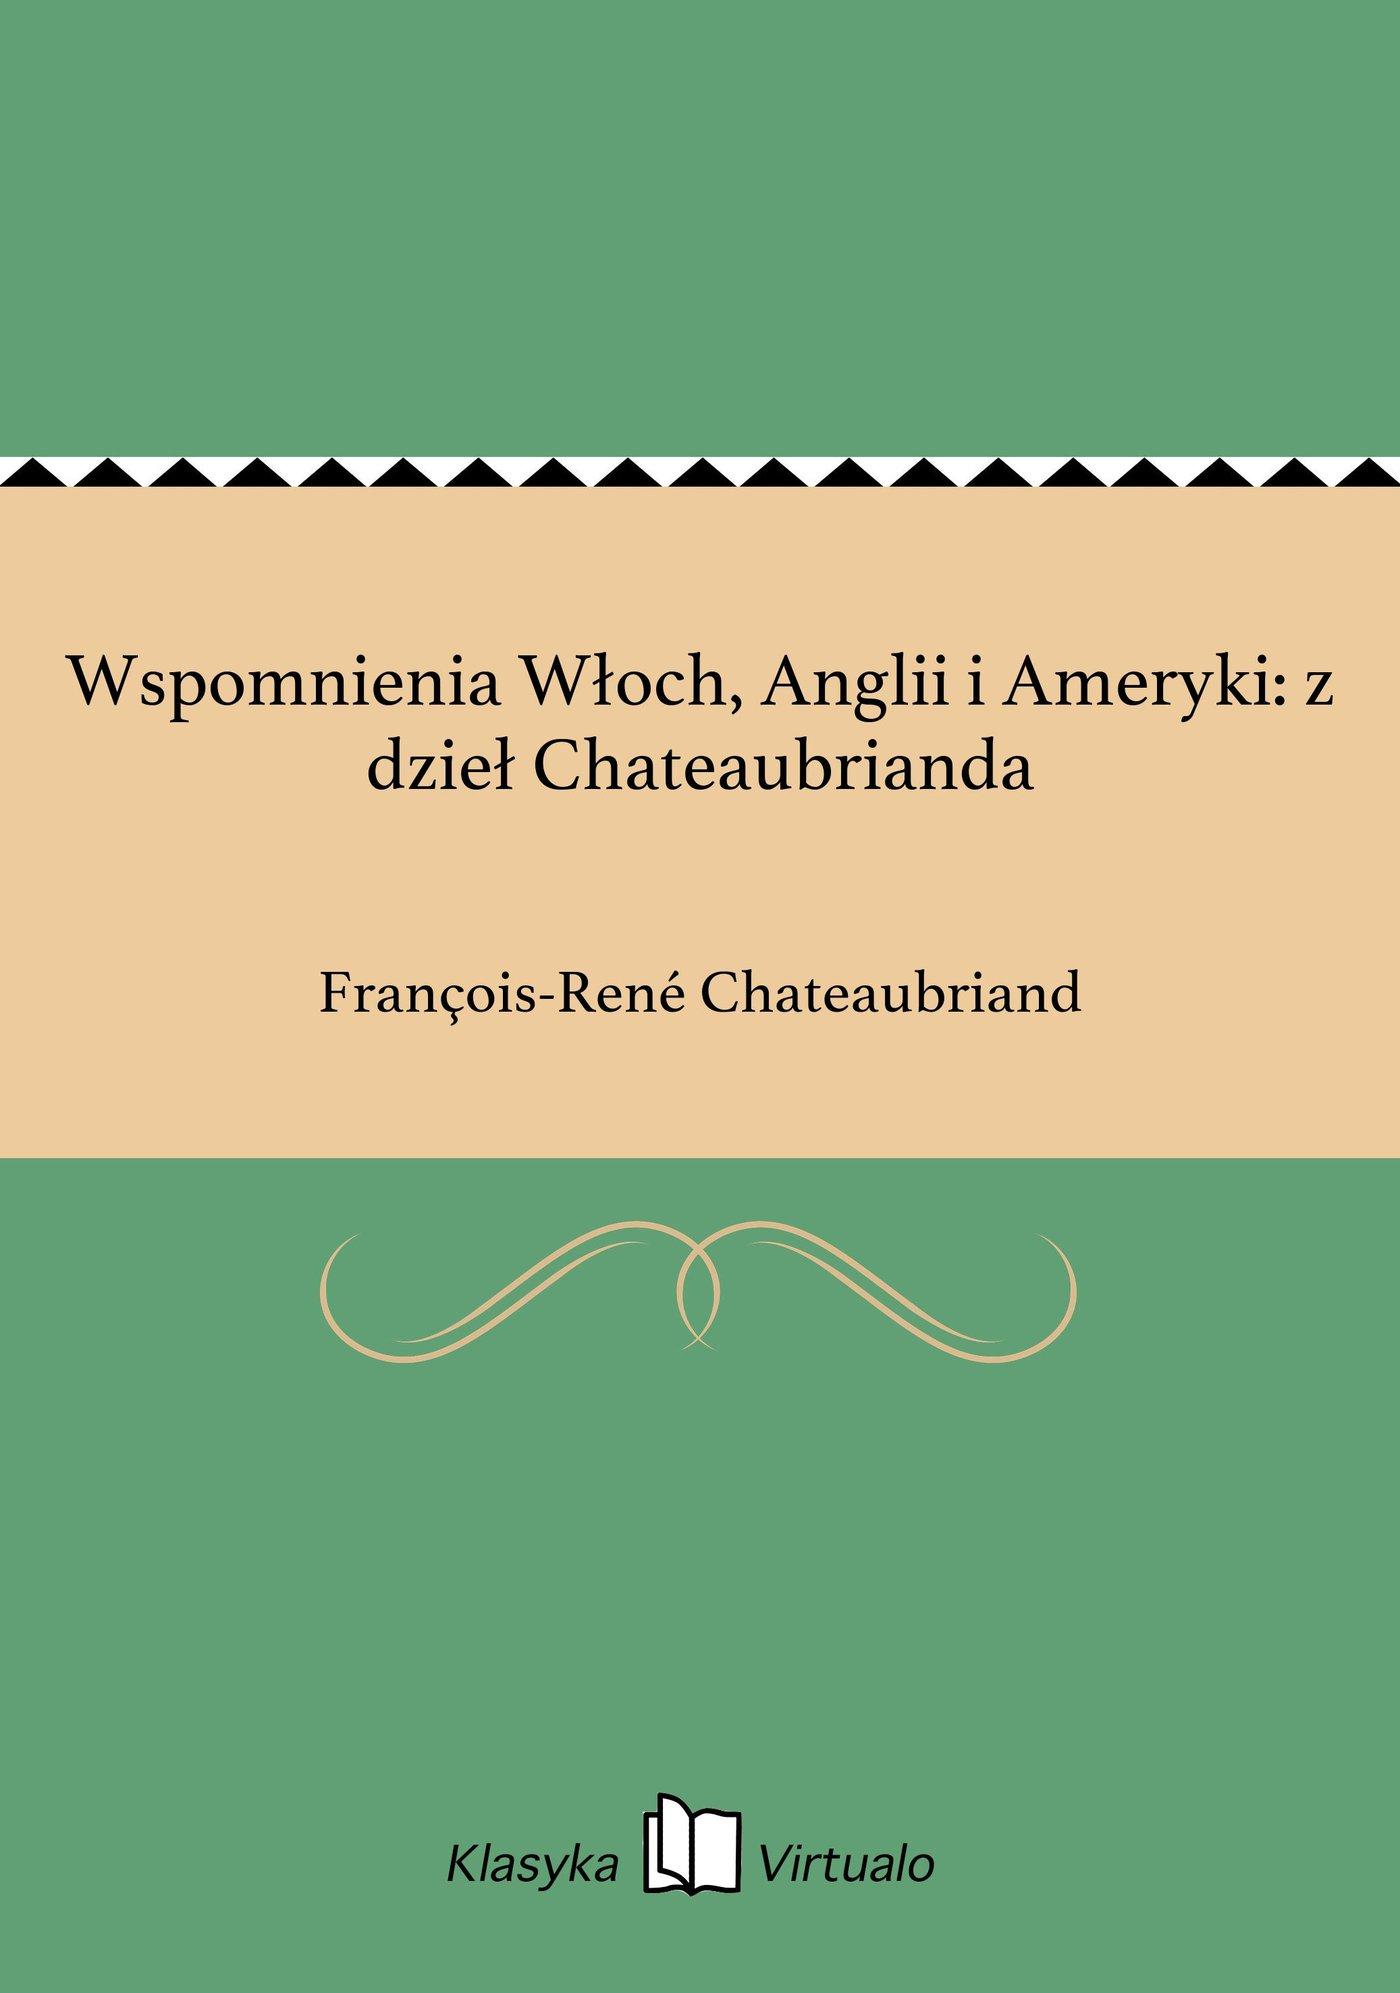 Wspomnienia Włoch, Anglii i Ameryki: z dzieł Chateaubrianda - Ebook (Książka EPUB) do pobrania w formacie EPUB